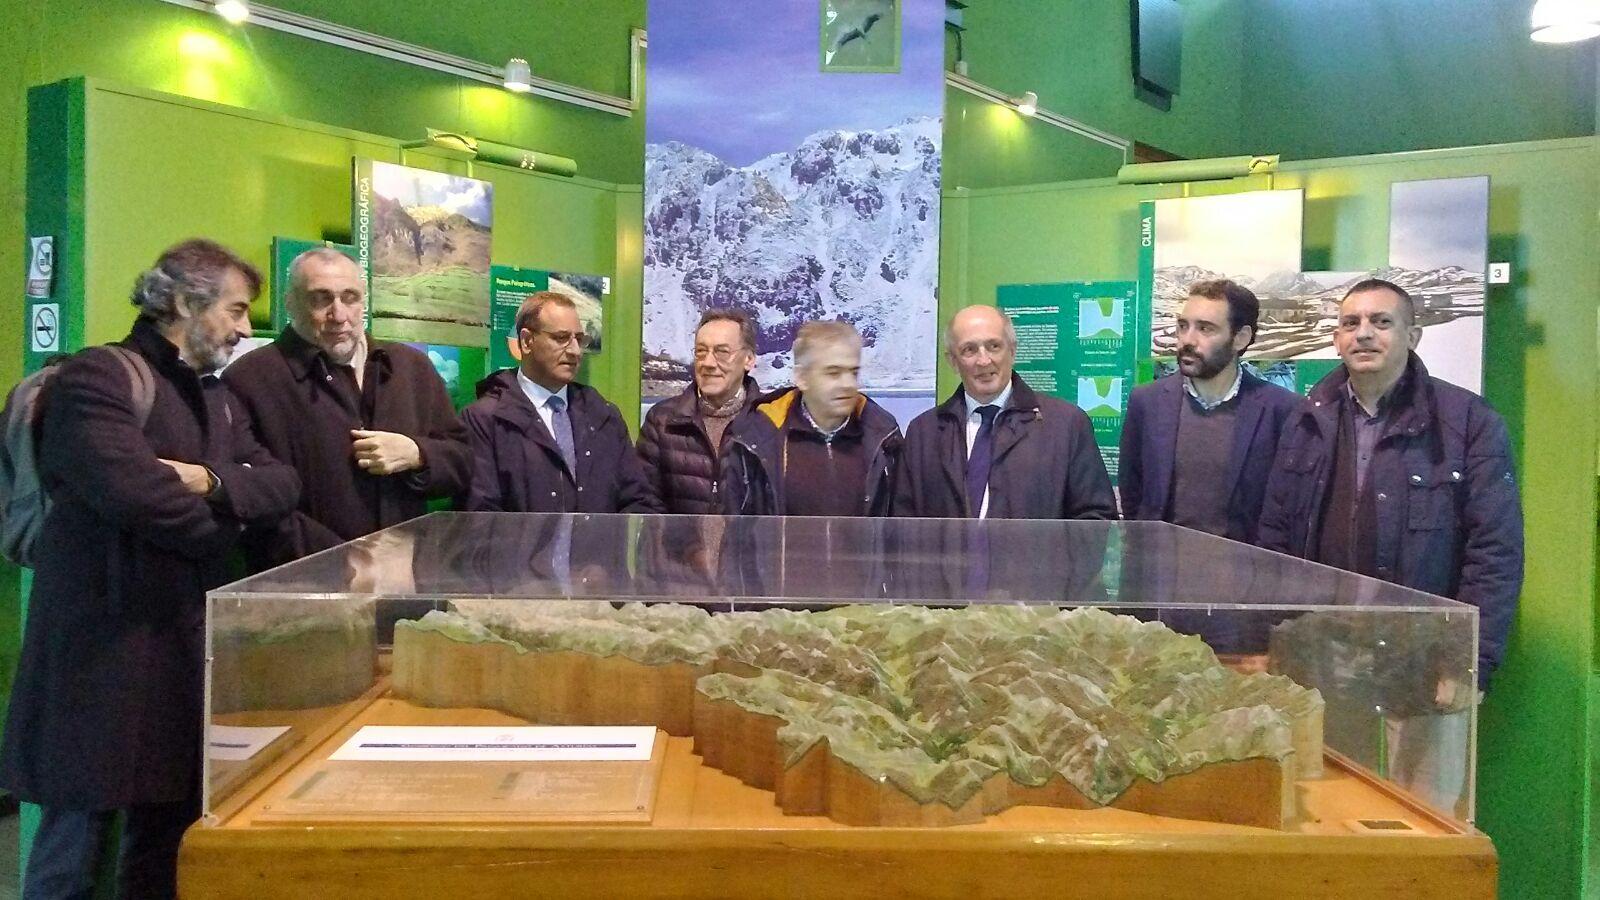 La FOA participará en los actos del 30 aniversario del Parque Natural de Somiedo